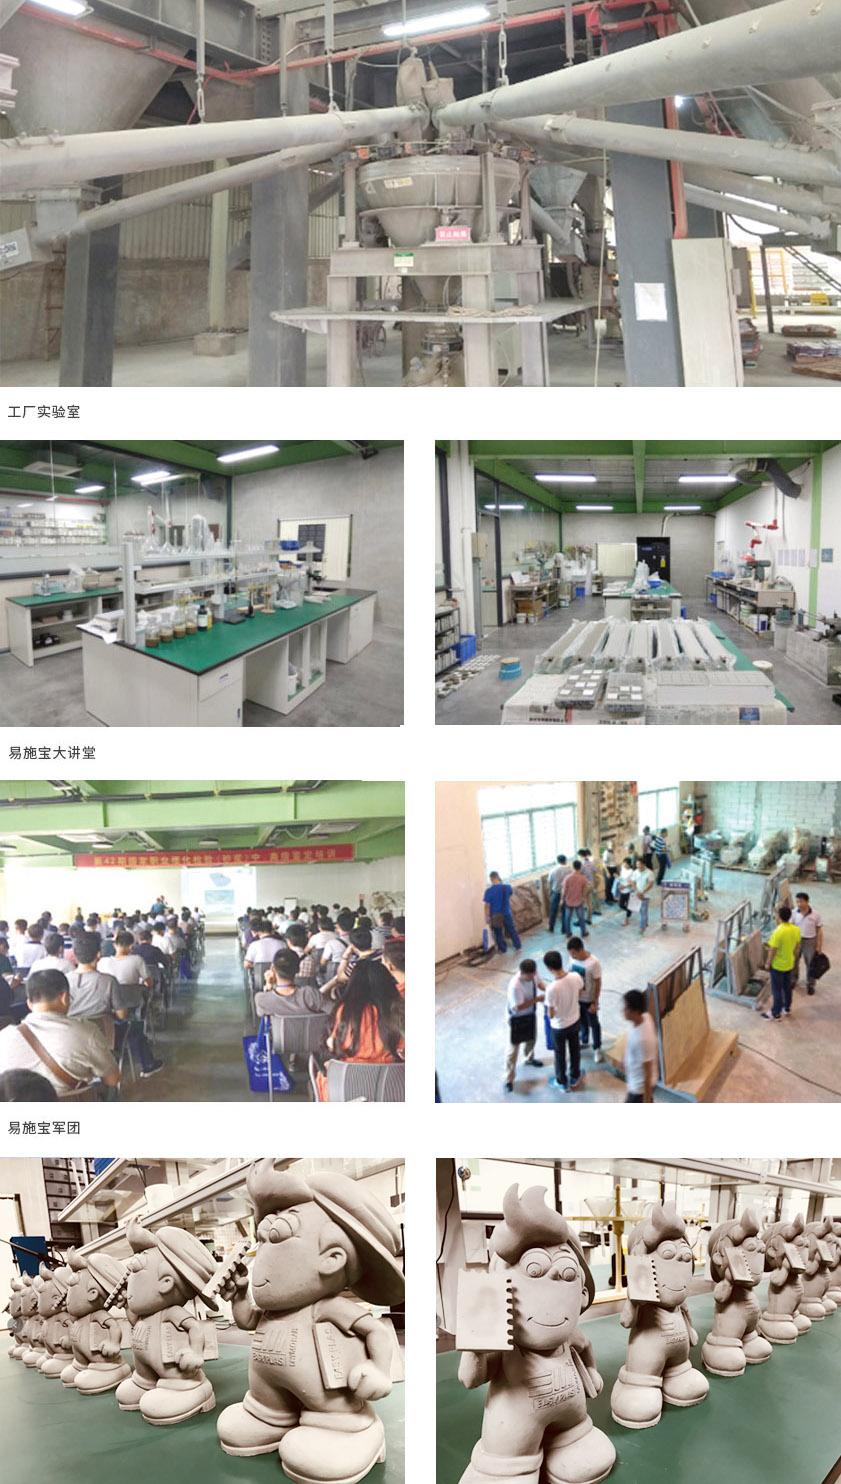 抗裂砂浆厂企业文化.jpg